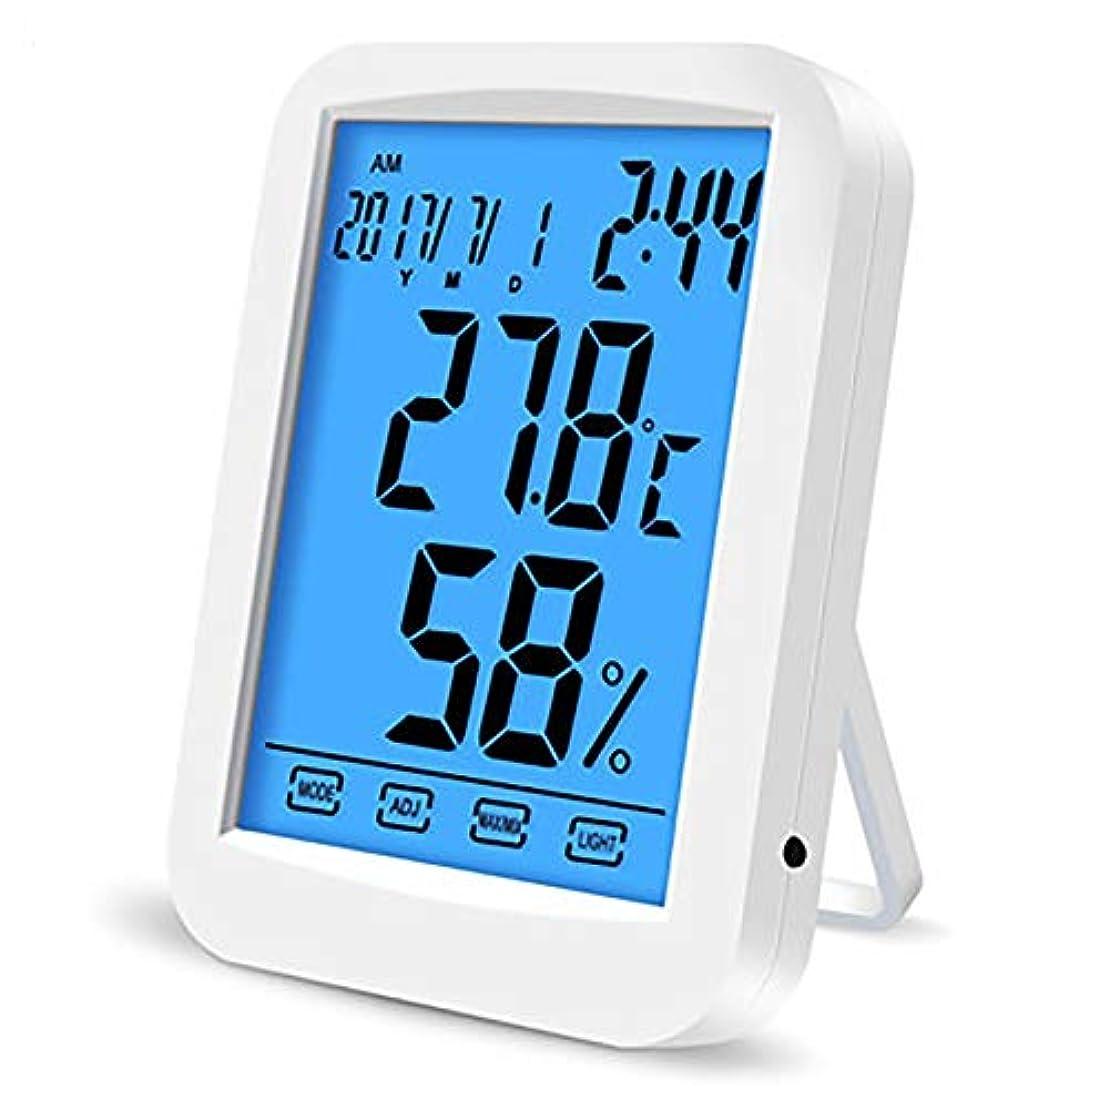 グリーンバック遺産水平デジタル湿度計、温室の庭のワインセラーのための高精度のABS物質的で調節可能な明るさのタッチ画面 - 無線気象の場所